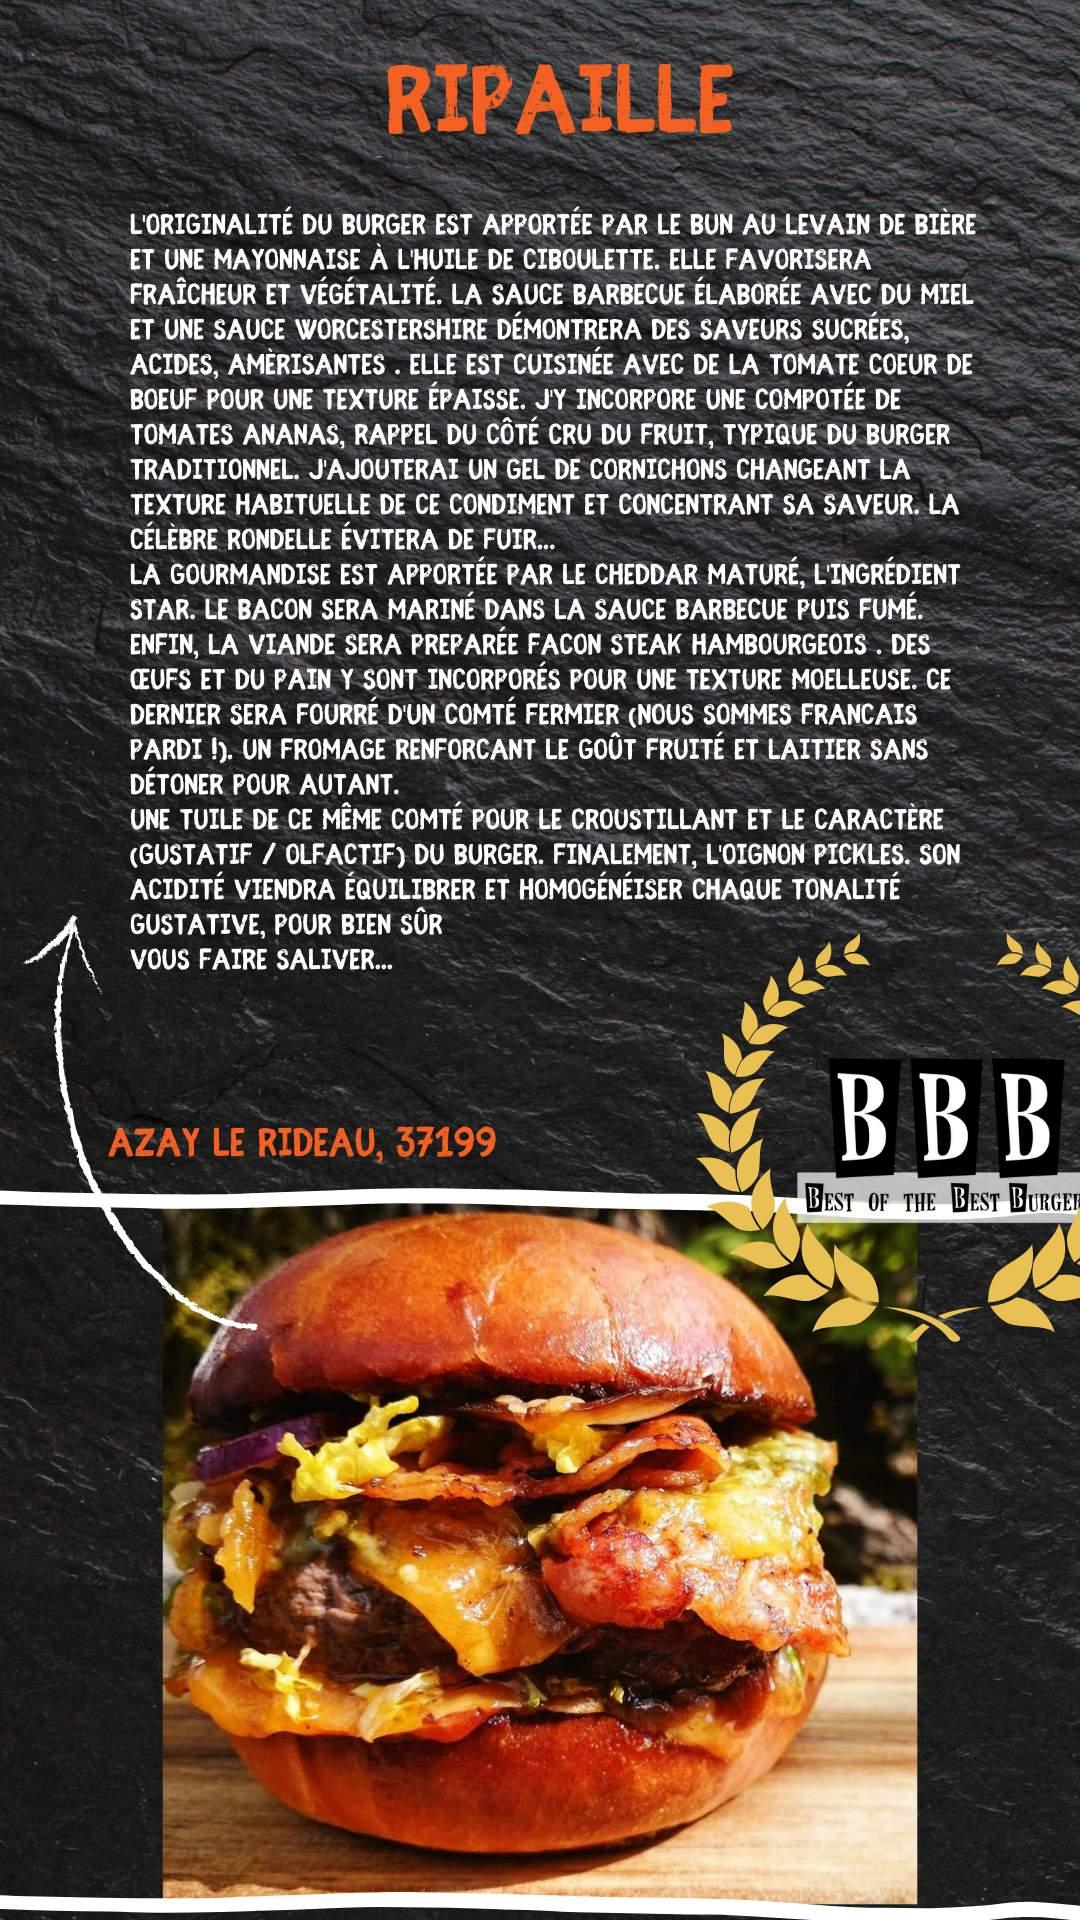 Burger du Ripaille